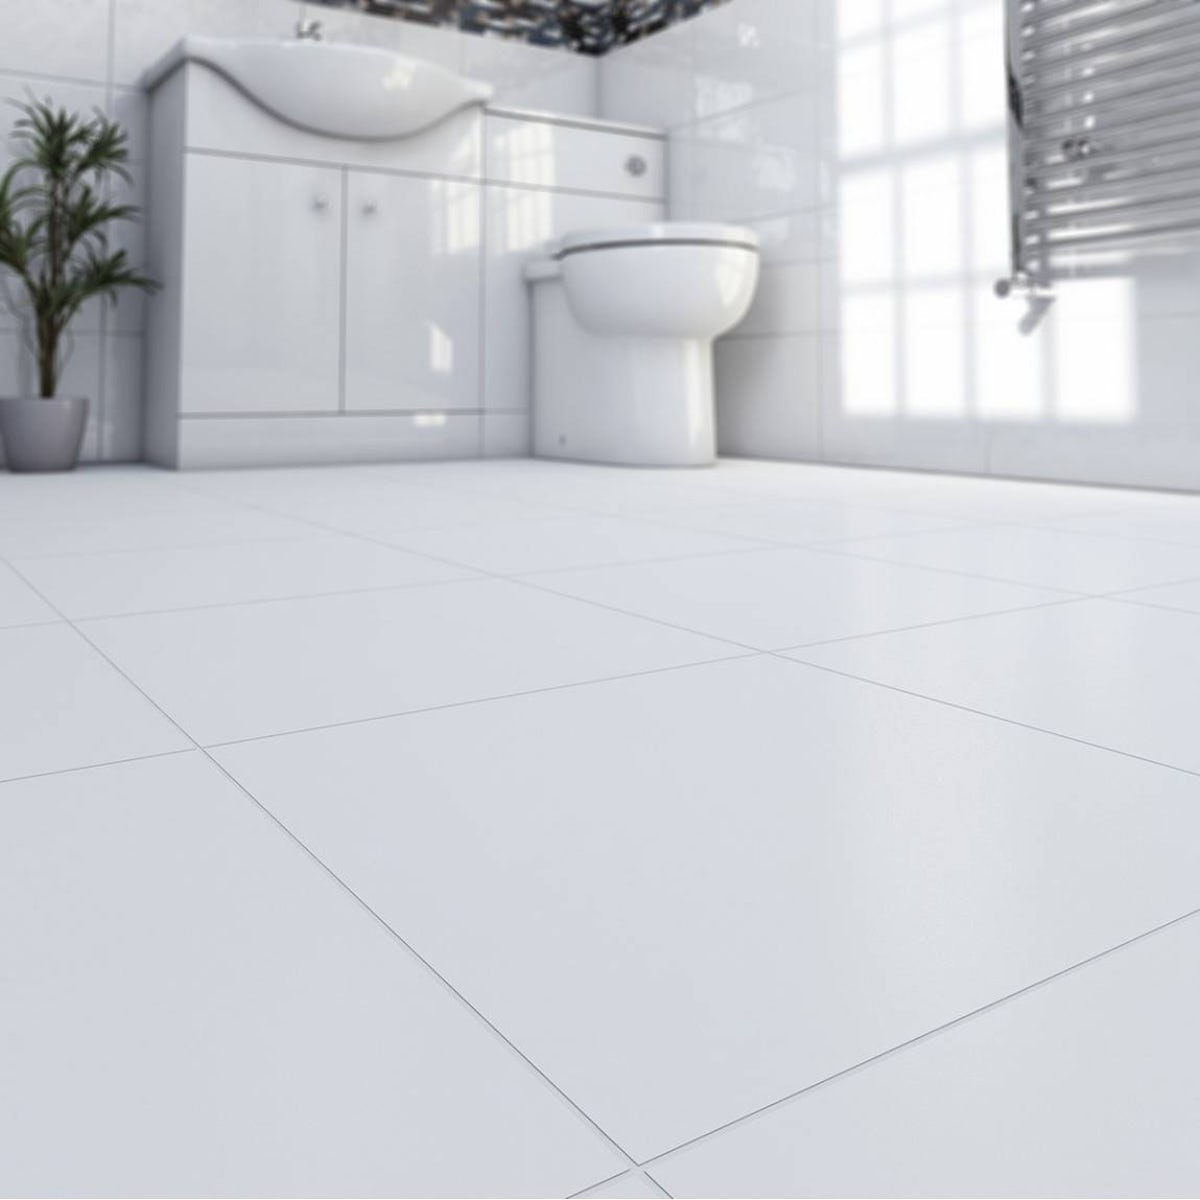 Oria Matte Super White Ceramic Floor Tile 33cm X 33cm